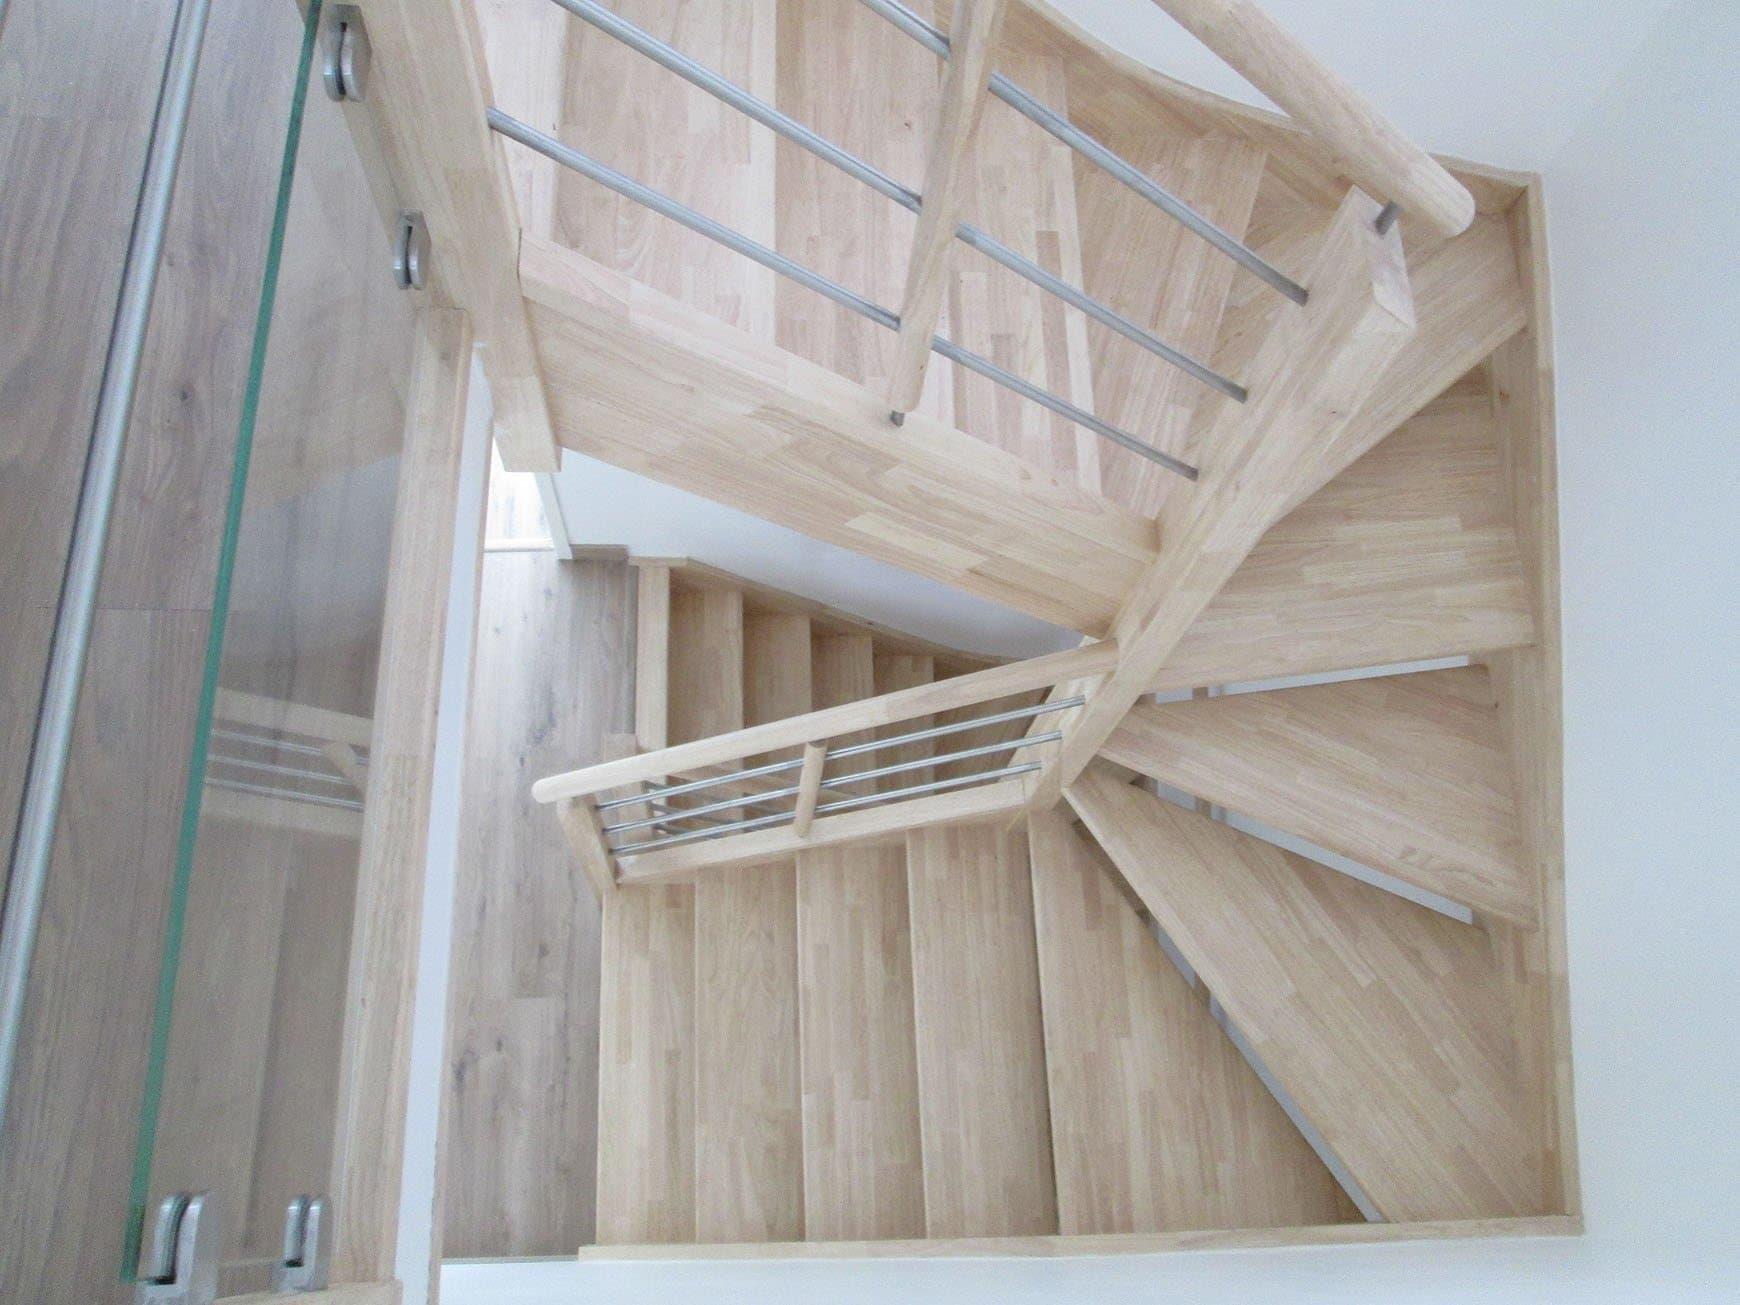 Escalier vernis lasure vitrificateur quelles finitions debret escaliers for Peinture sur bois brut